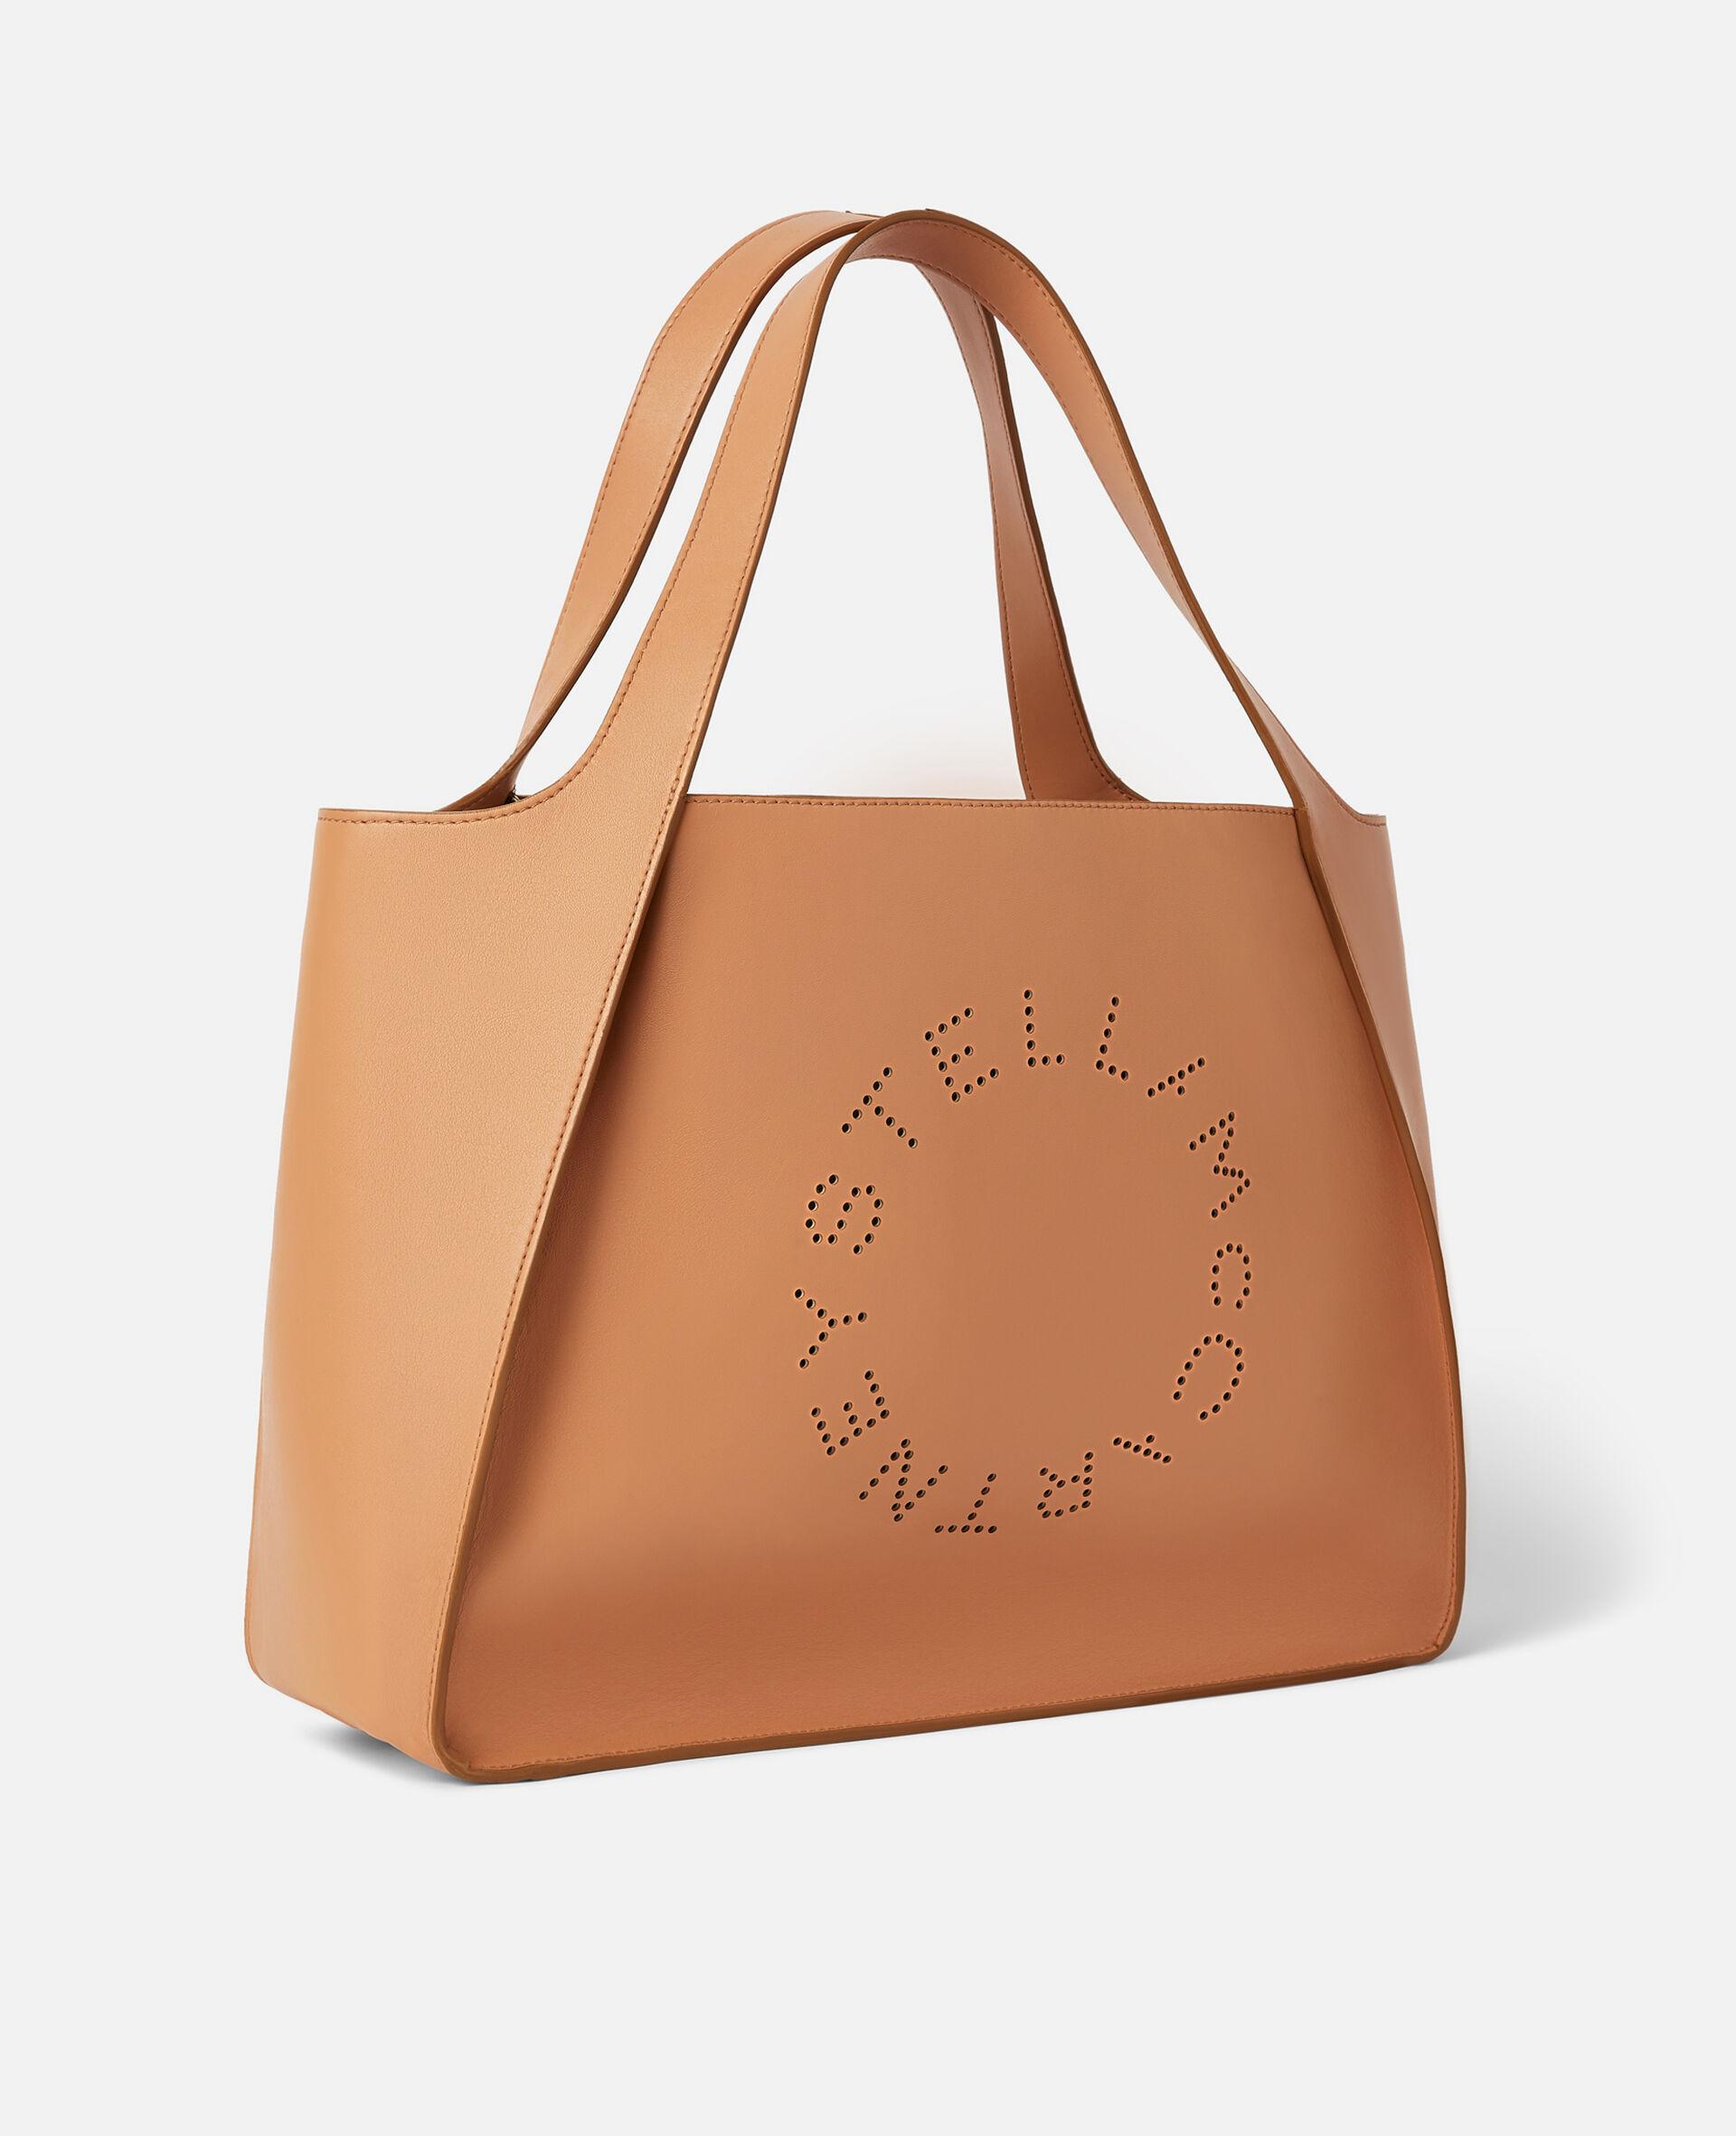 Stella Logo 托特包-棕色-large image number 1